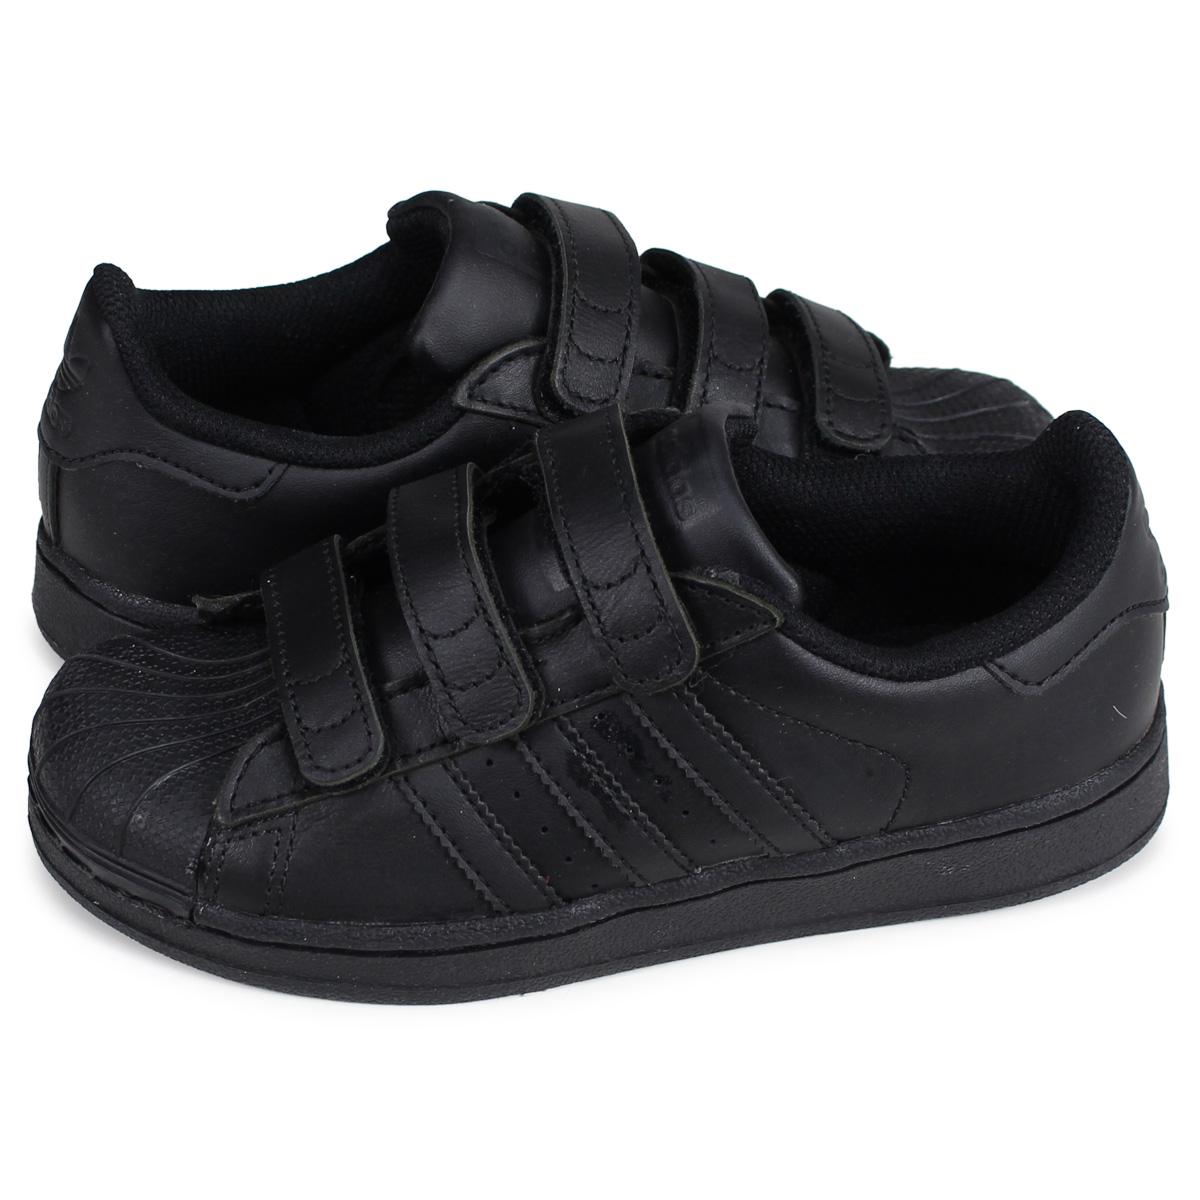 efab0e3a8d425 adidas Originals SUPERSTAR FOUNDATION CF C Adidas originals superstar  sneakers kids Velcro black black B25728 ...